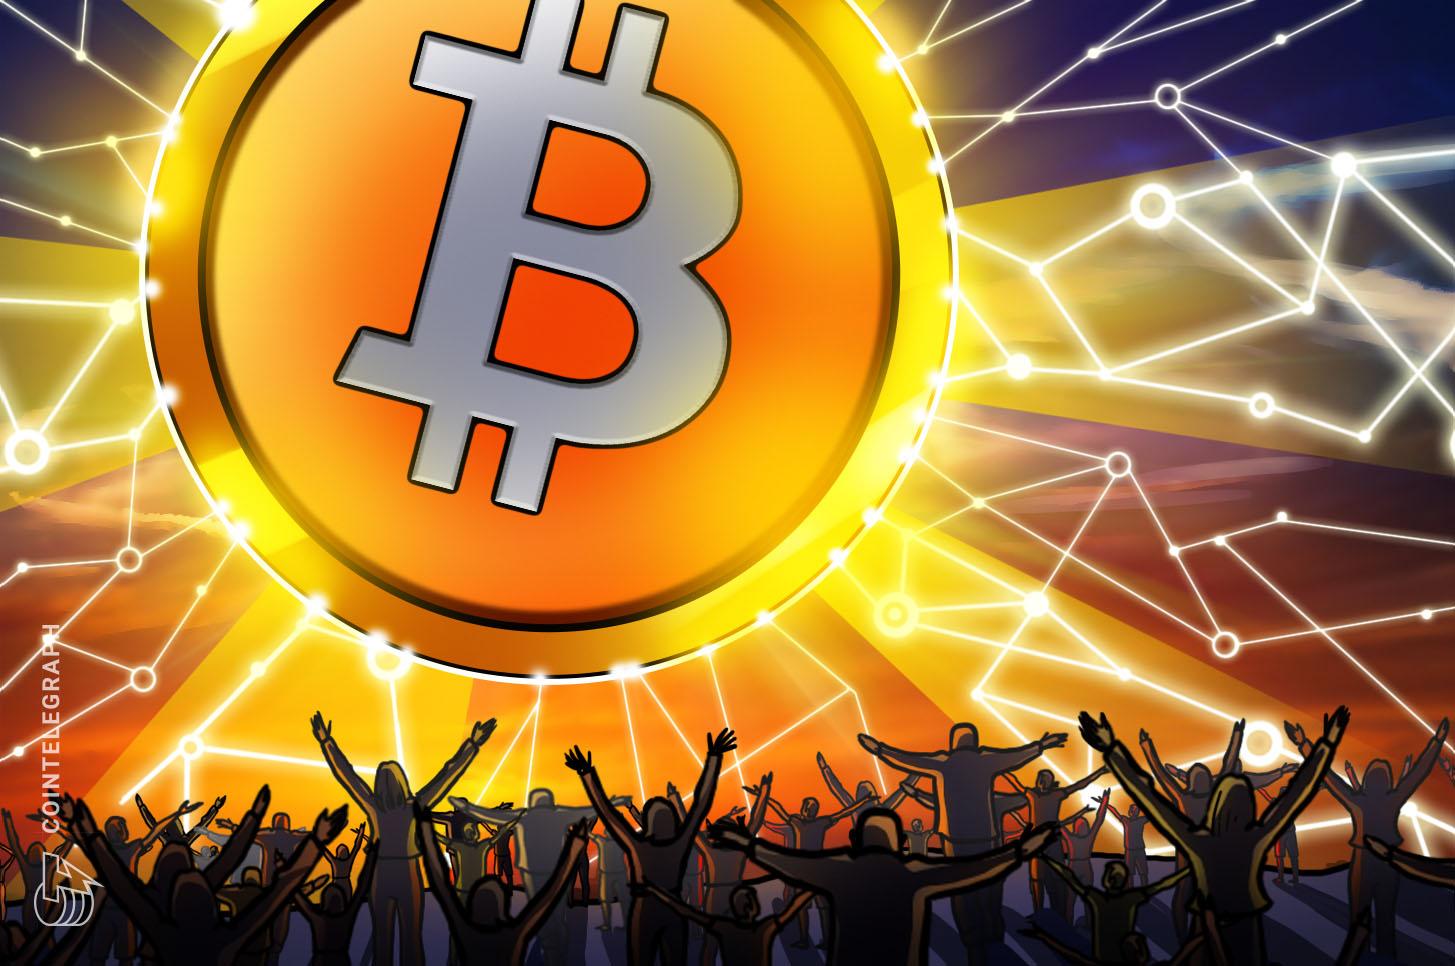 El precio de Bitcoin se acerca a los $ 30,000 con nuevos máximos históricos